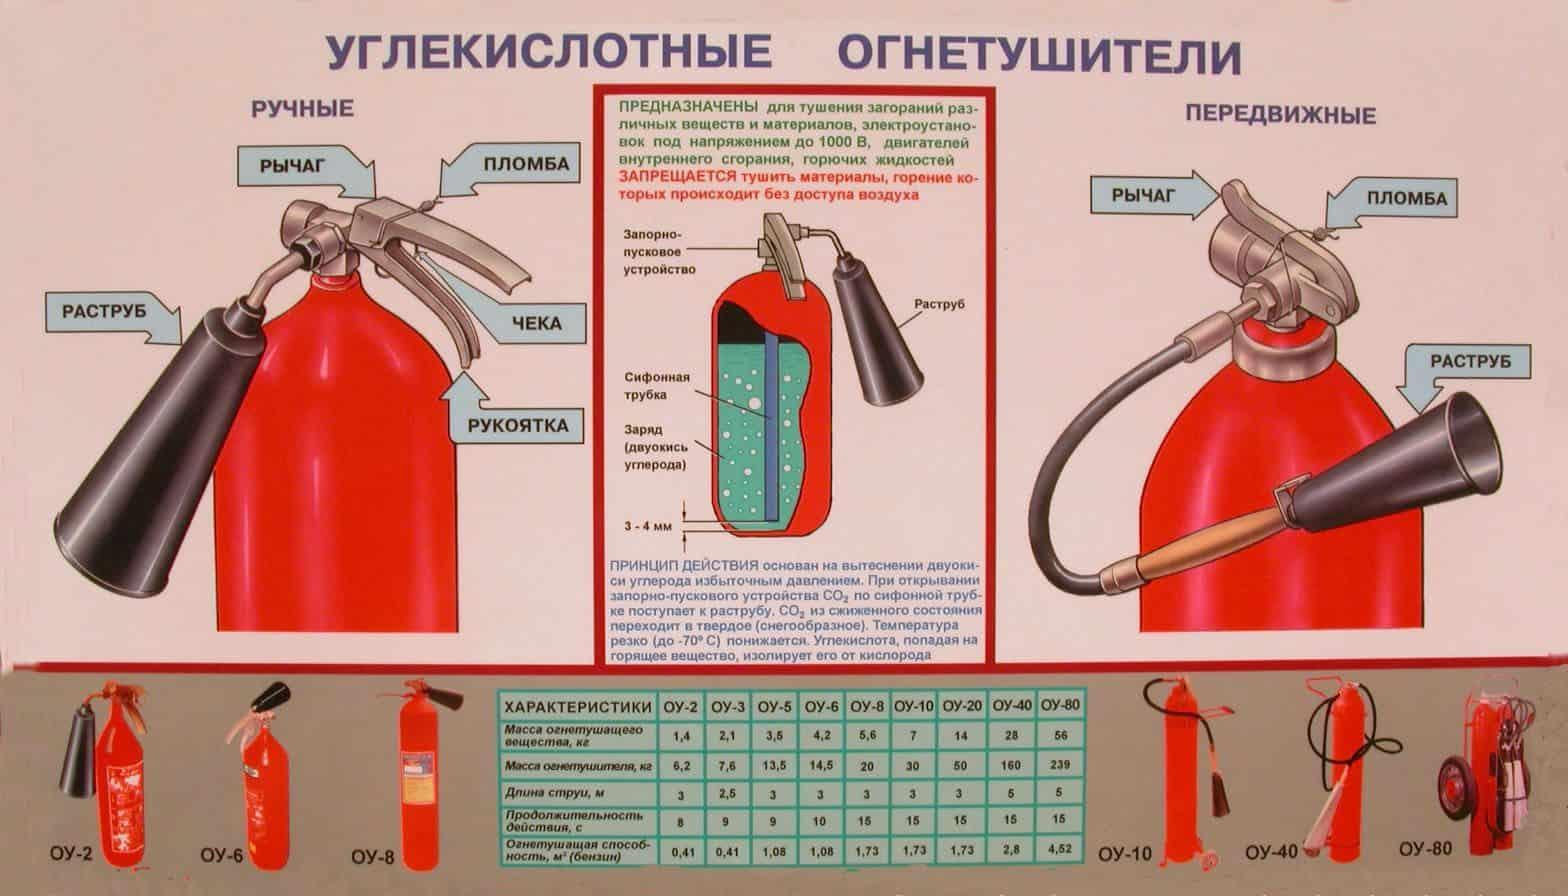 Инструкция по применению углекислотного огнетушителя